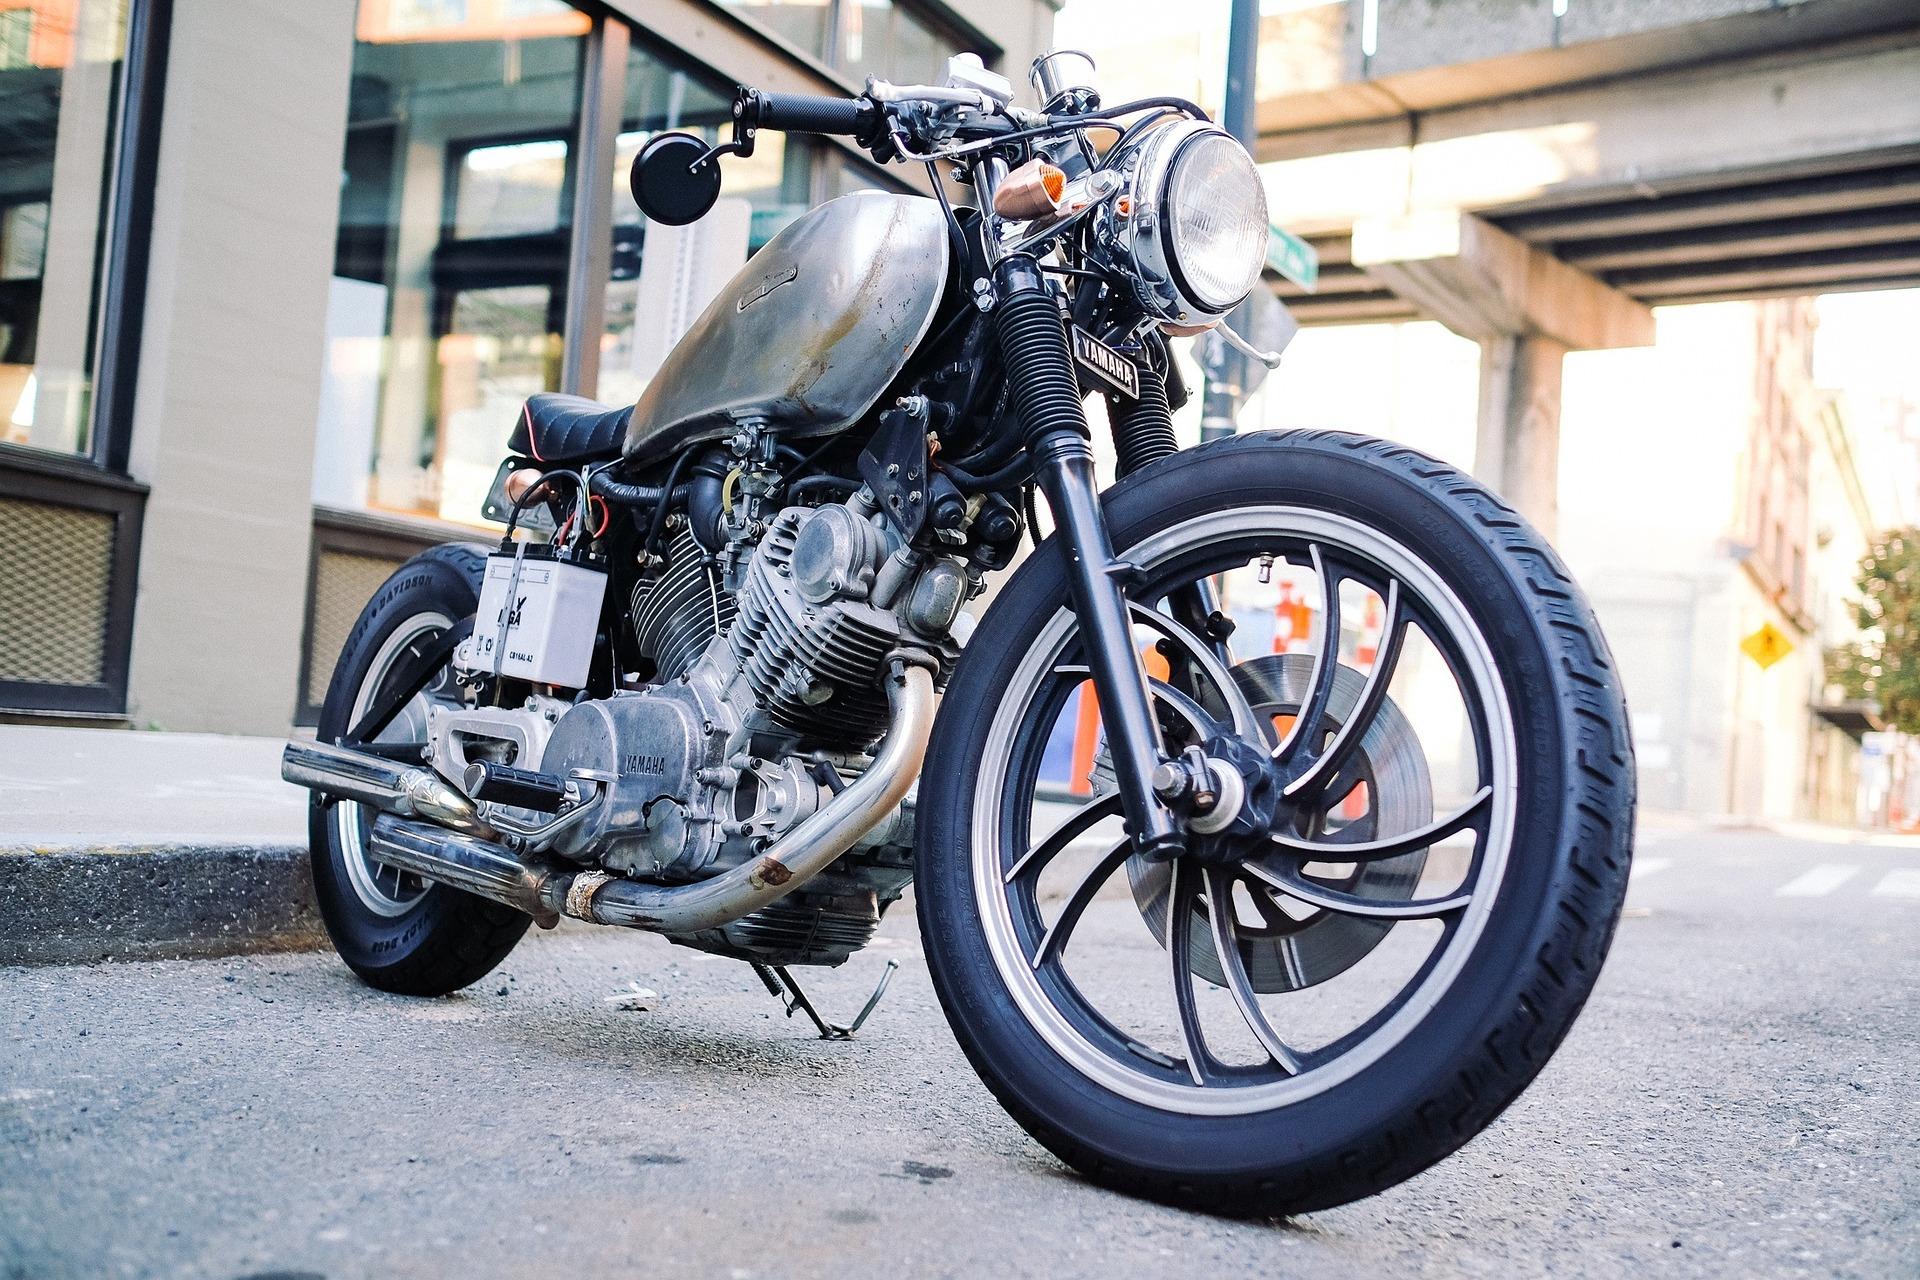 Comment protéger sa moto en intérieur comme en extérieur ?